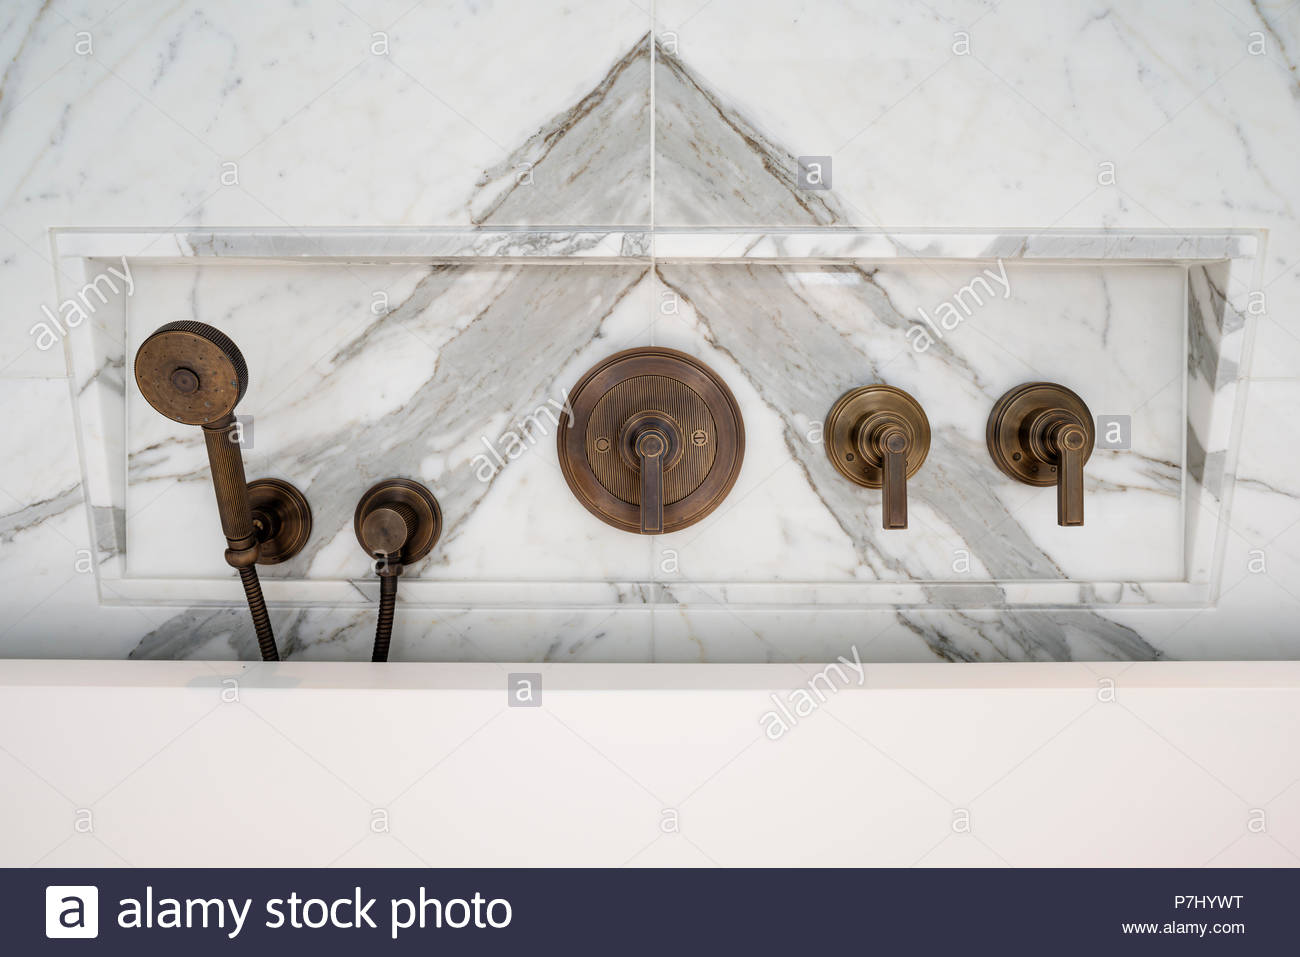 Vasca Da Bagno Metallo : Rubinetti di metallo dalla vasca da bagno foto immagine stock